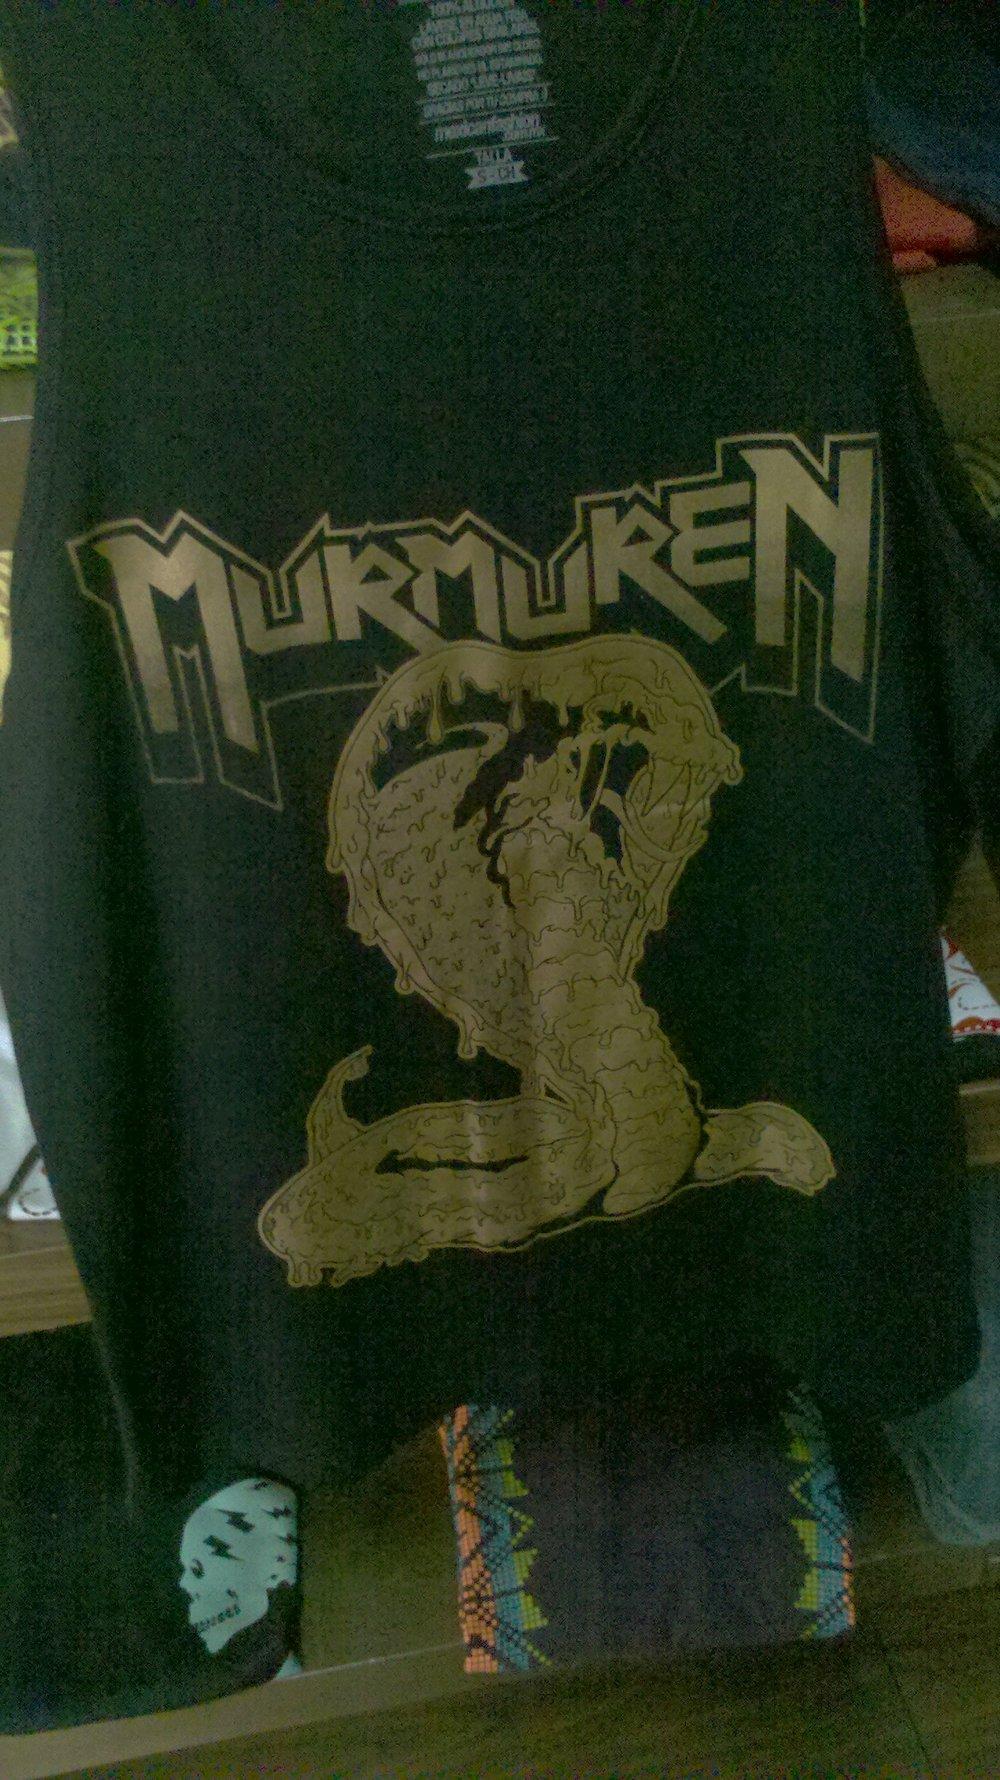 Murmeren t-shirt